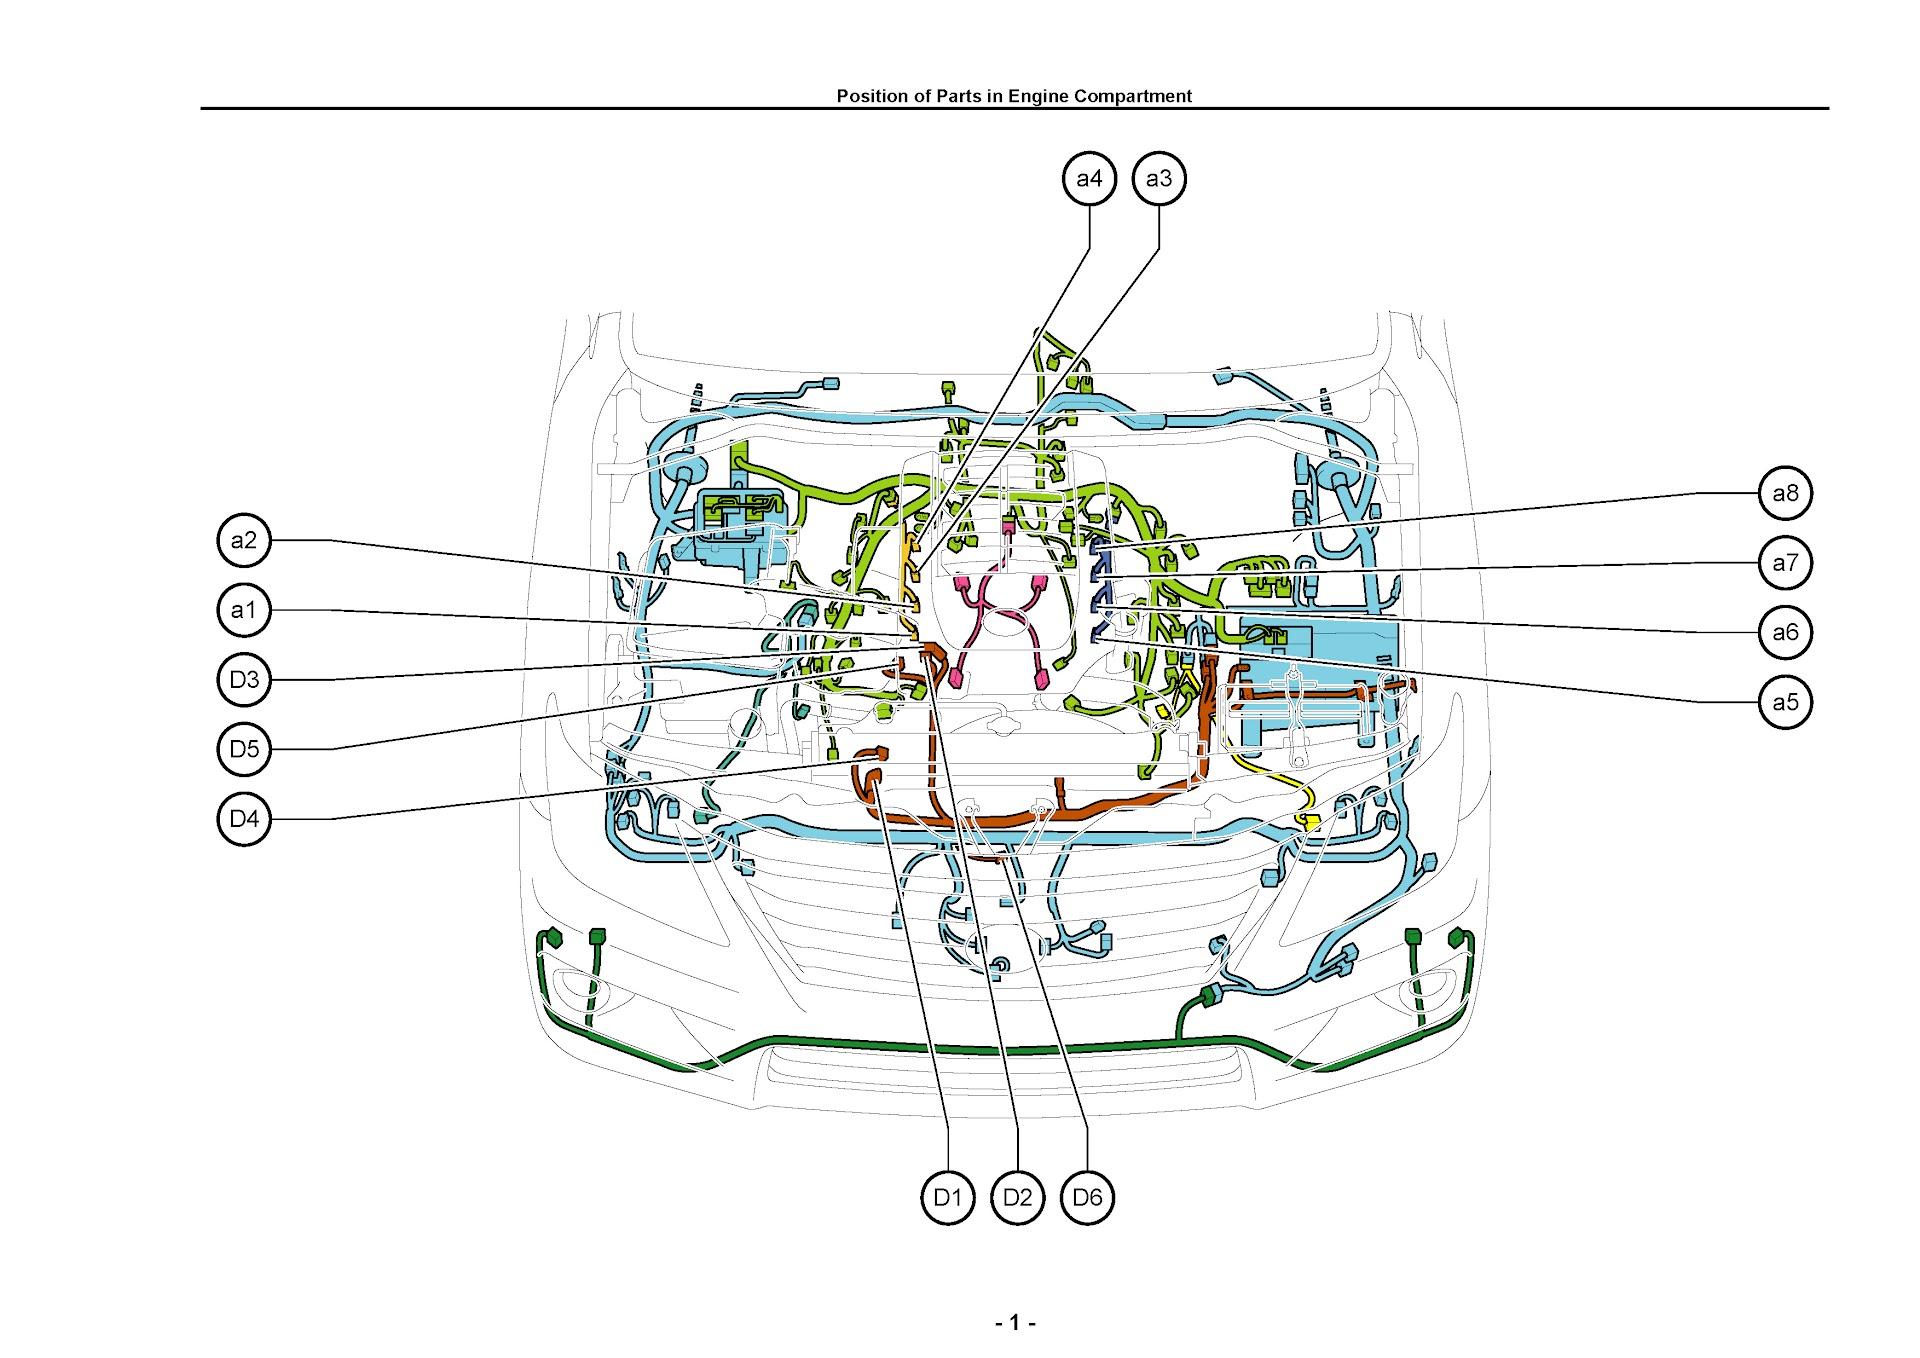 Download 2008-2010 Lexus LX570 Service Repair Manual.